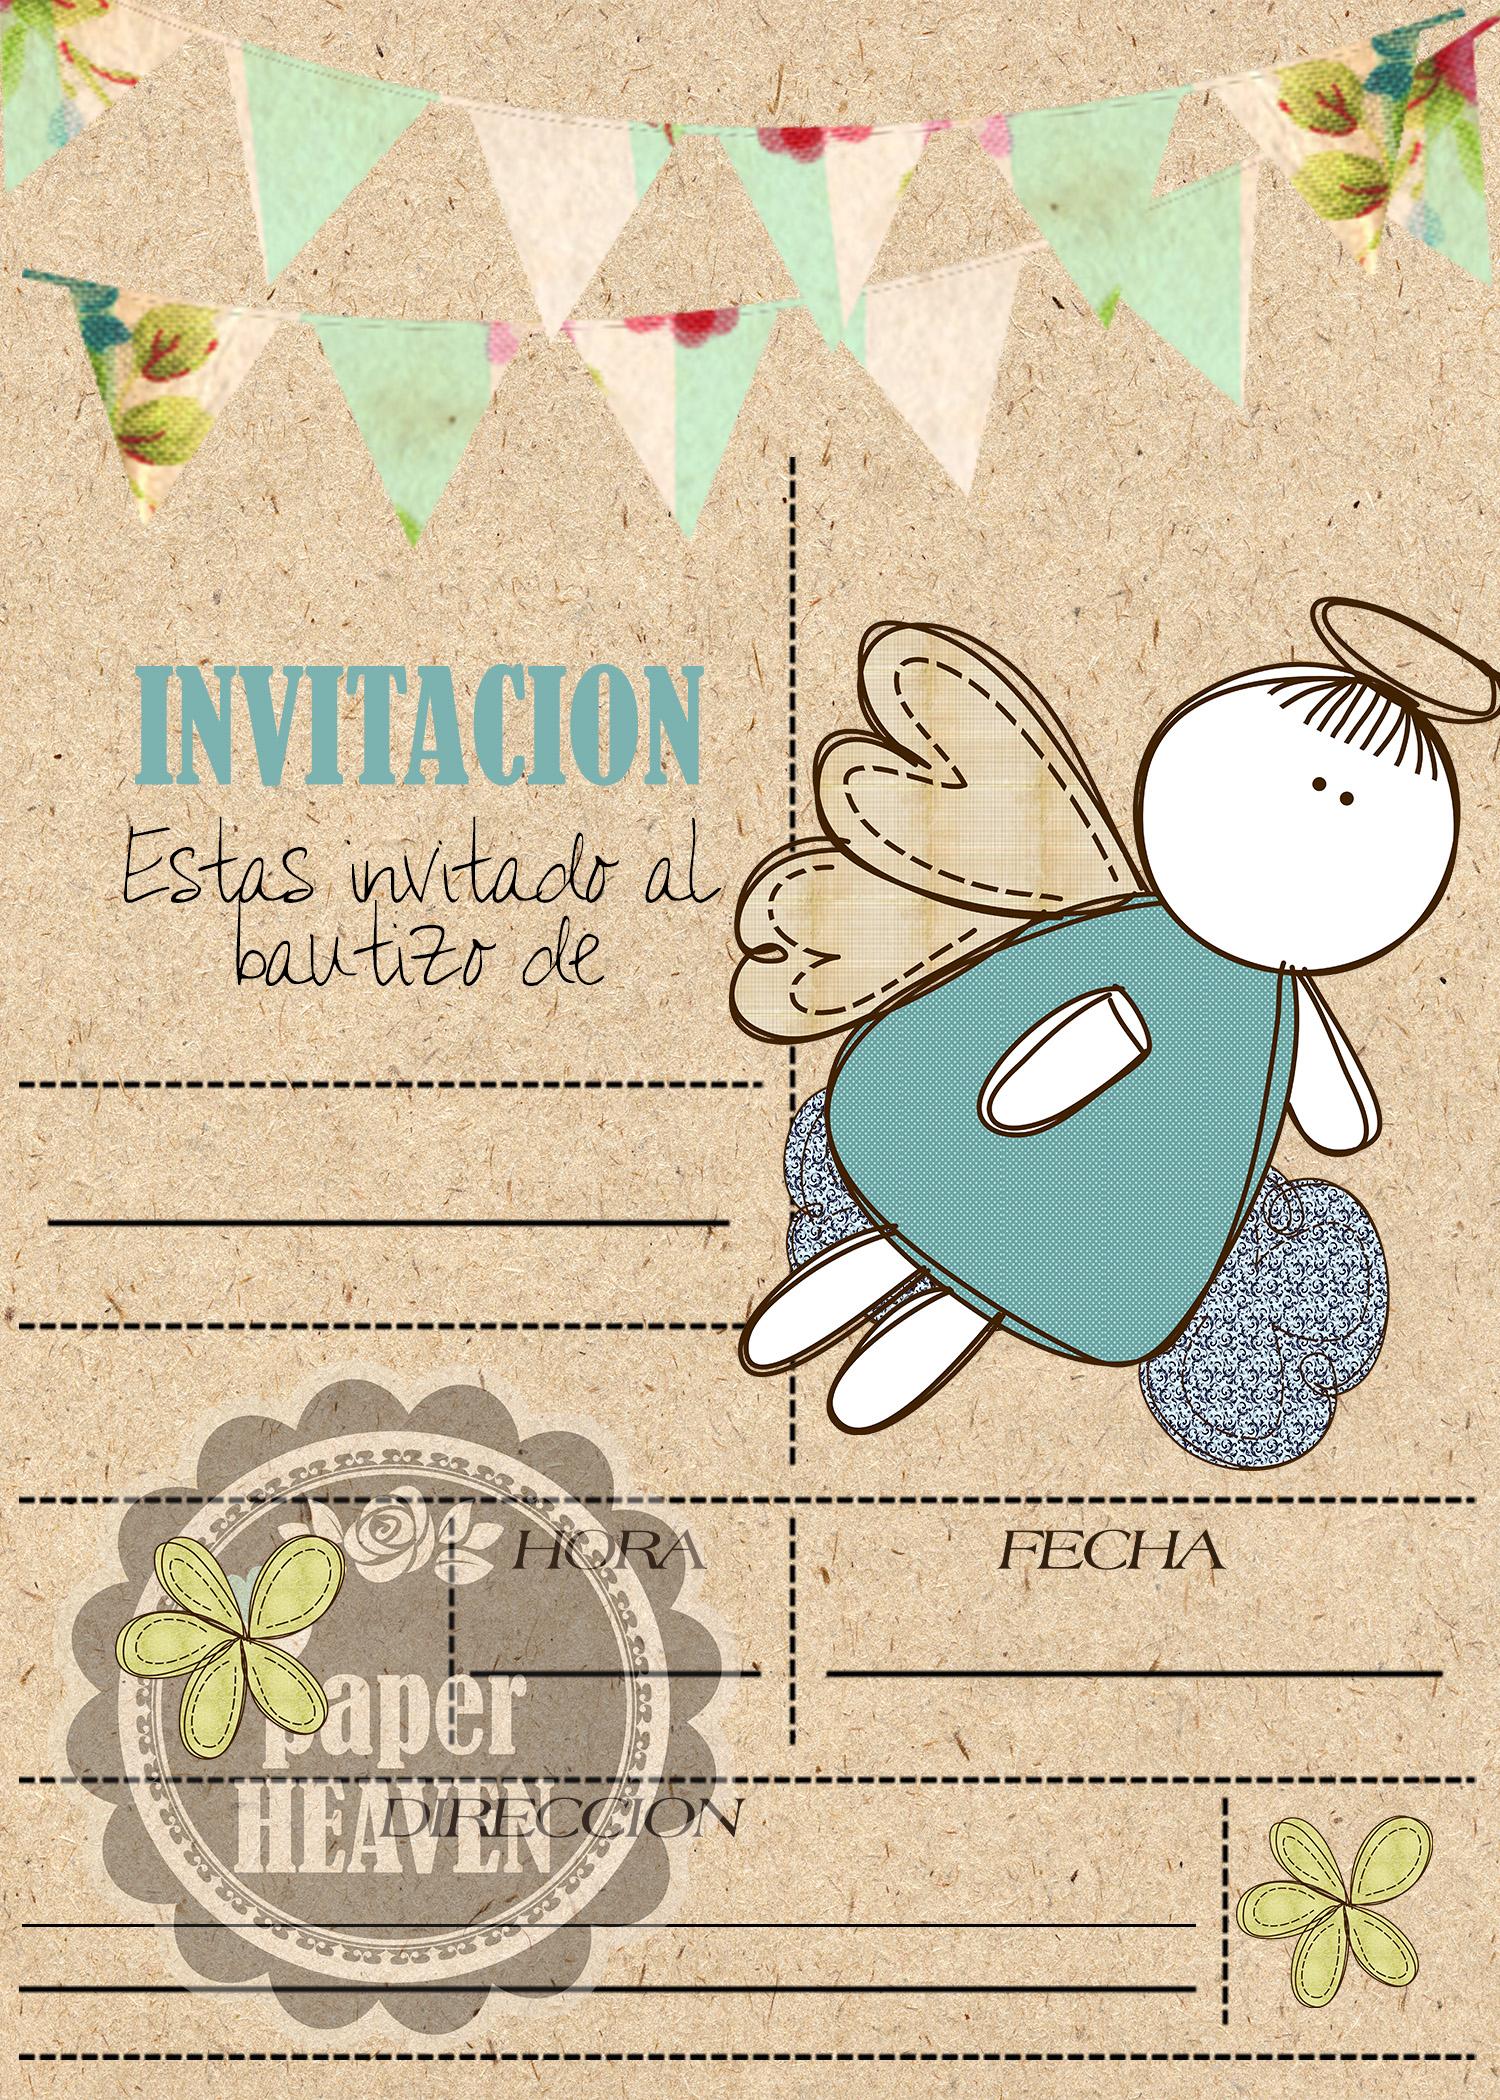 Invitaciones para bautizo ni a y ni o - Decoracion para bautizo de nino y nina ...